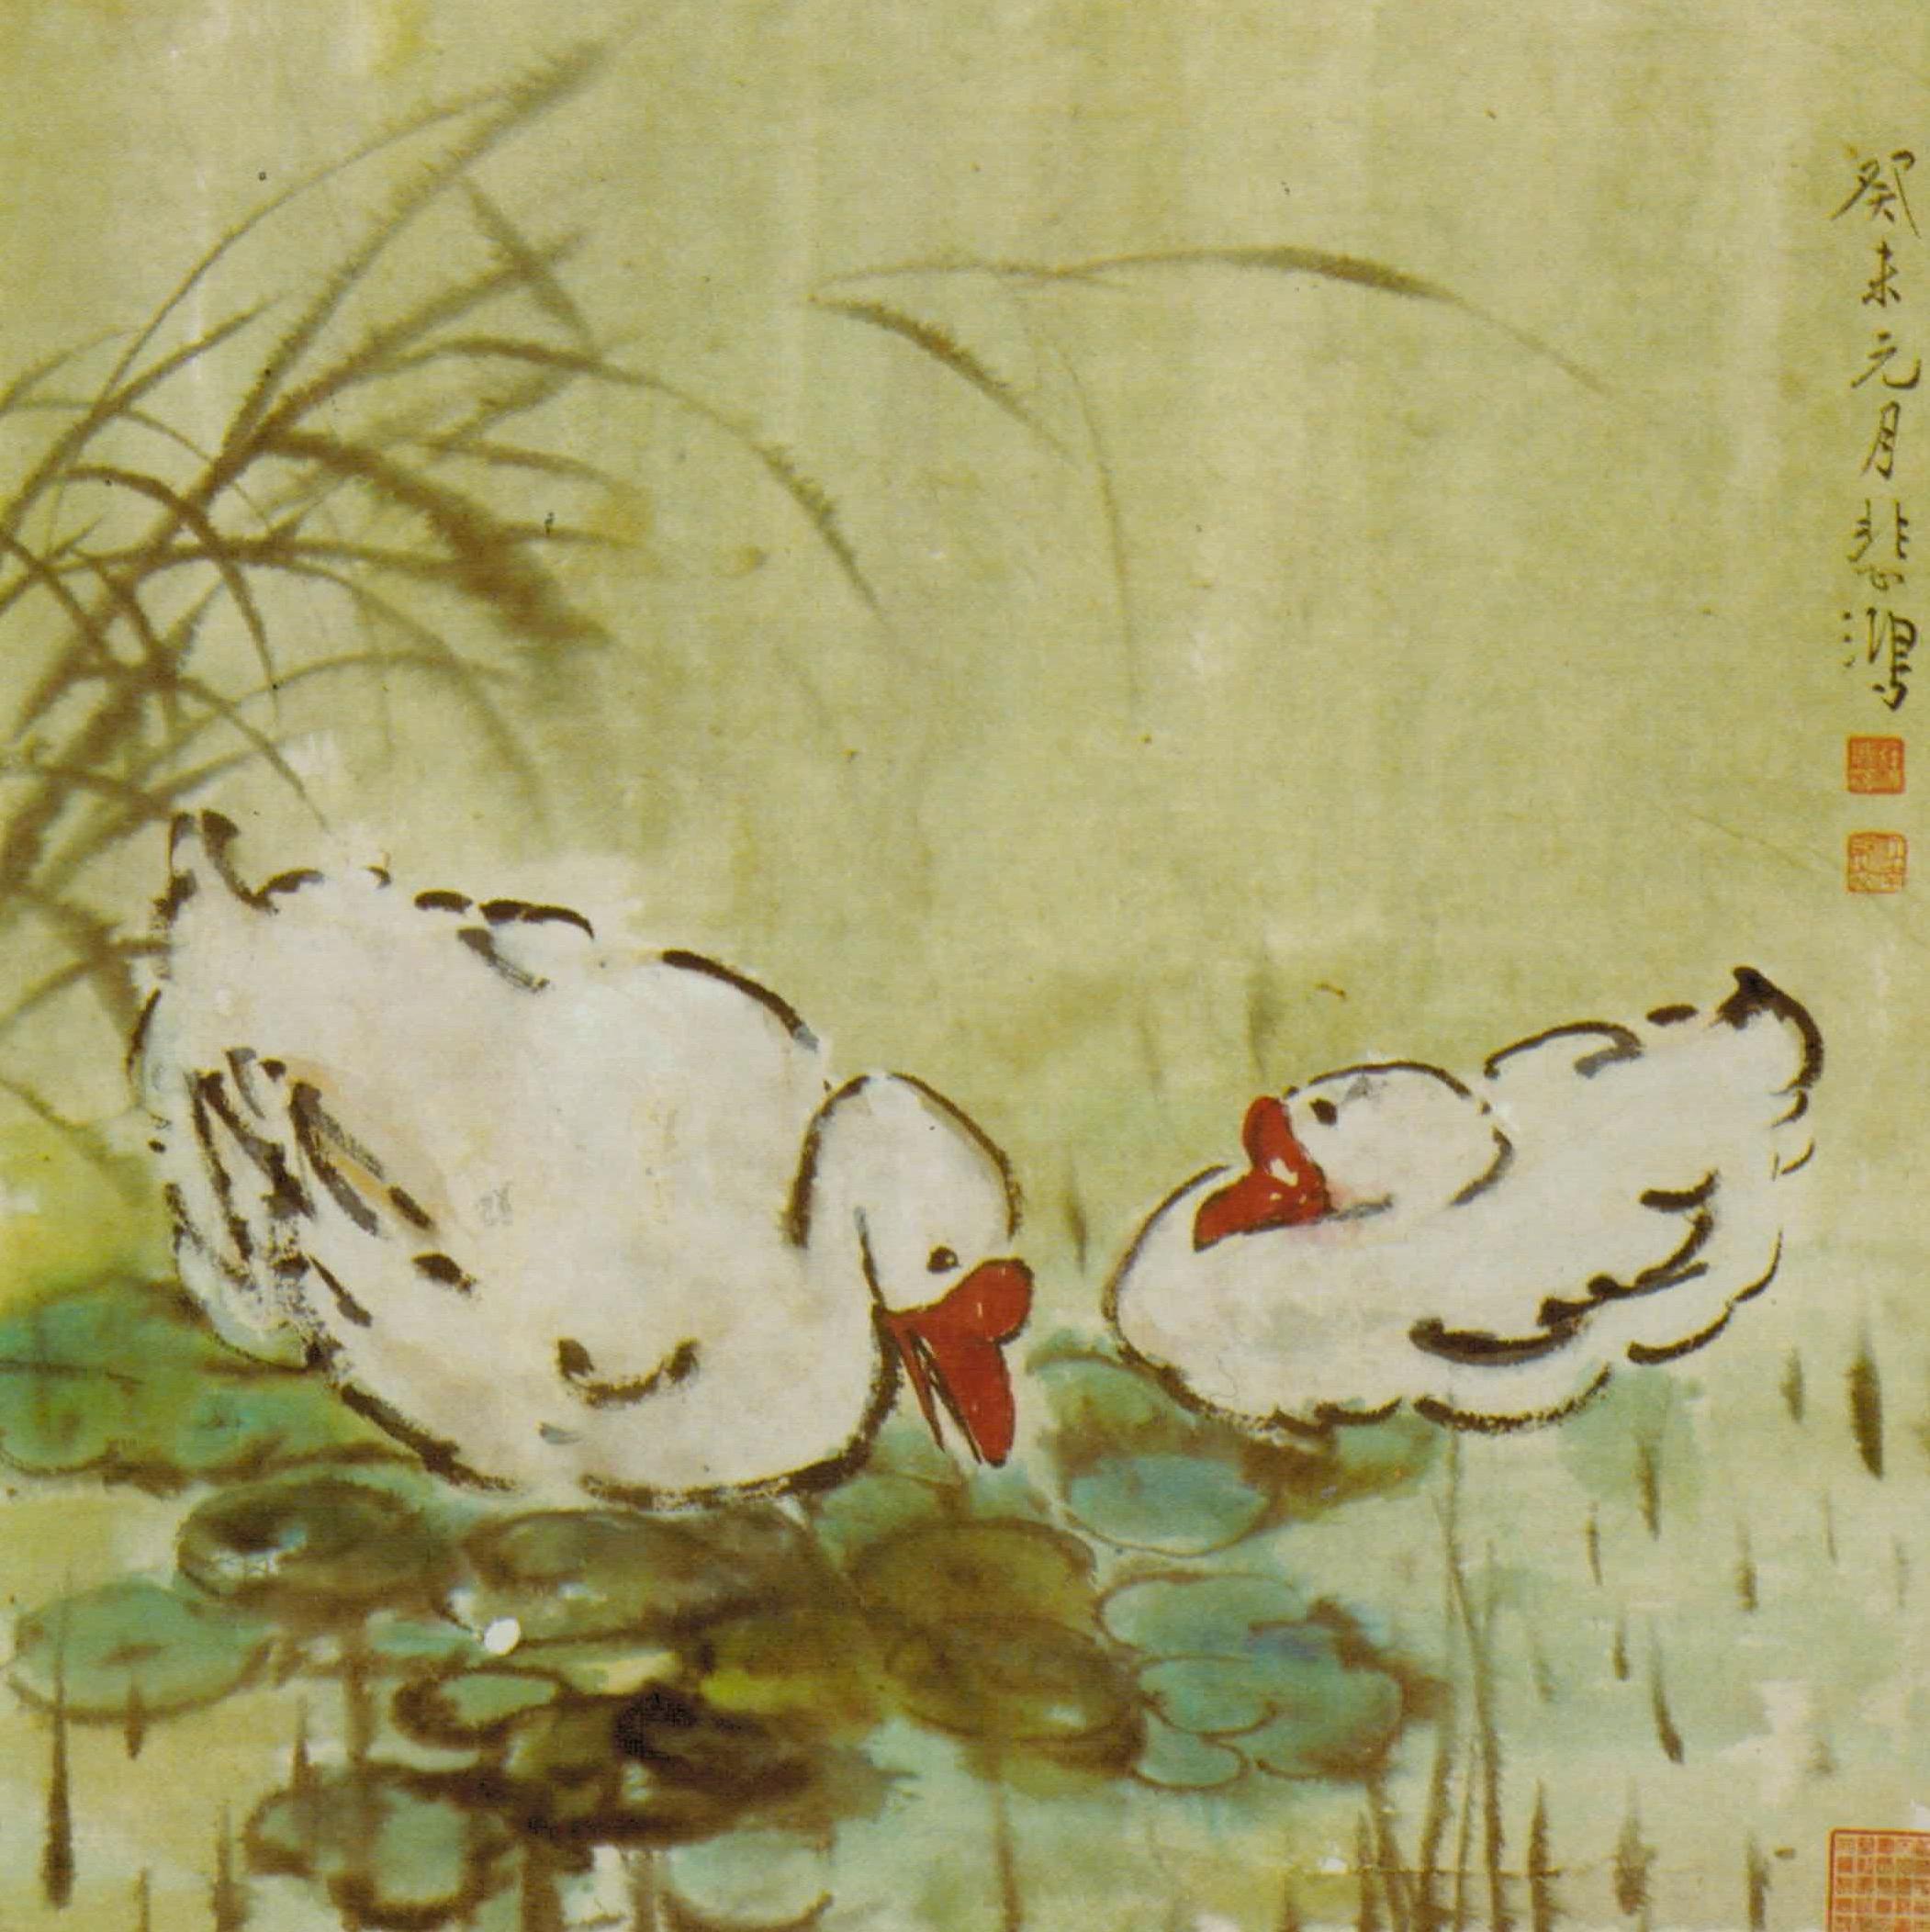 雙鵝圖 A Pair of Geese, 徐悲鴻Xu Beihong, ink on paper.